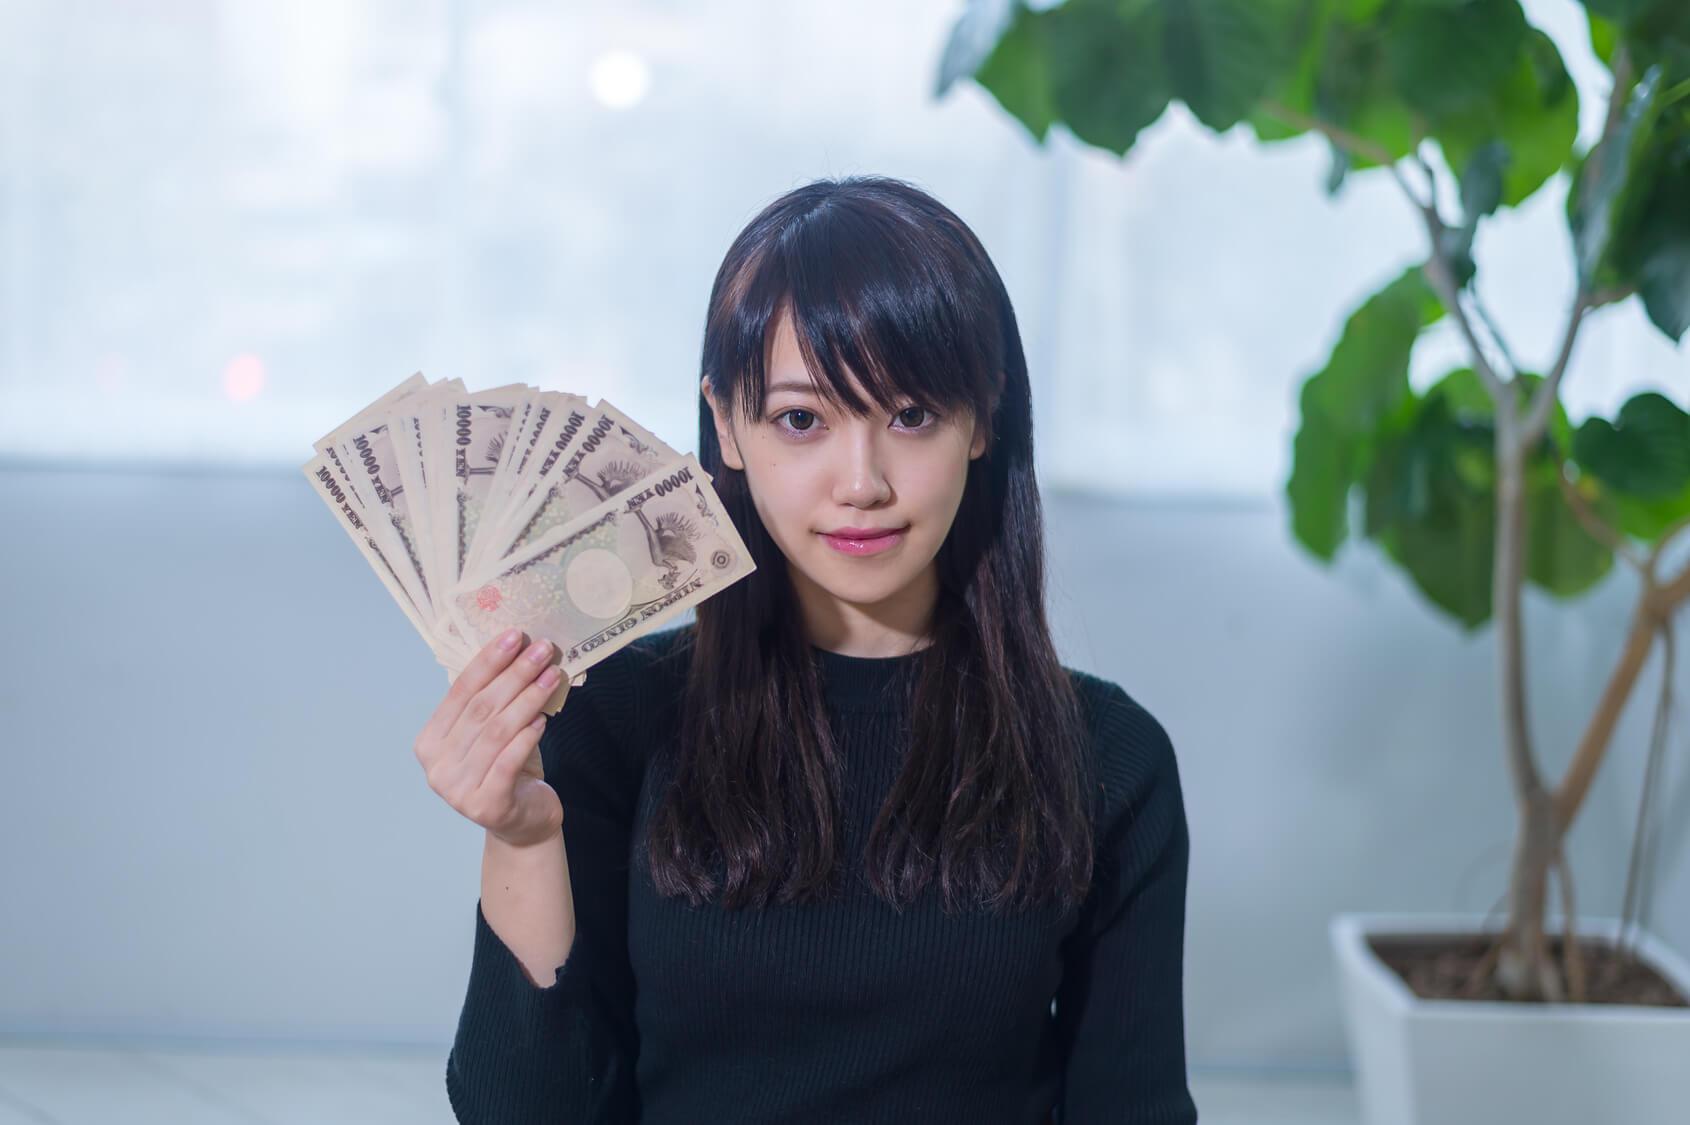 ギャラ飲みの相場は1〜2万円!一晩で10万円も夢じゃない